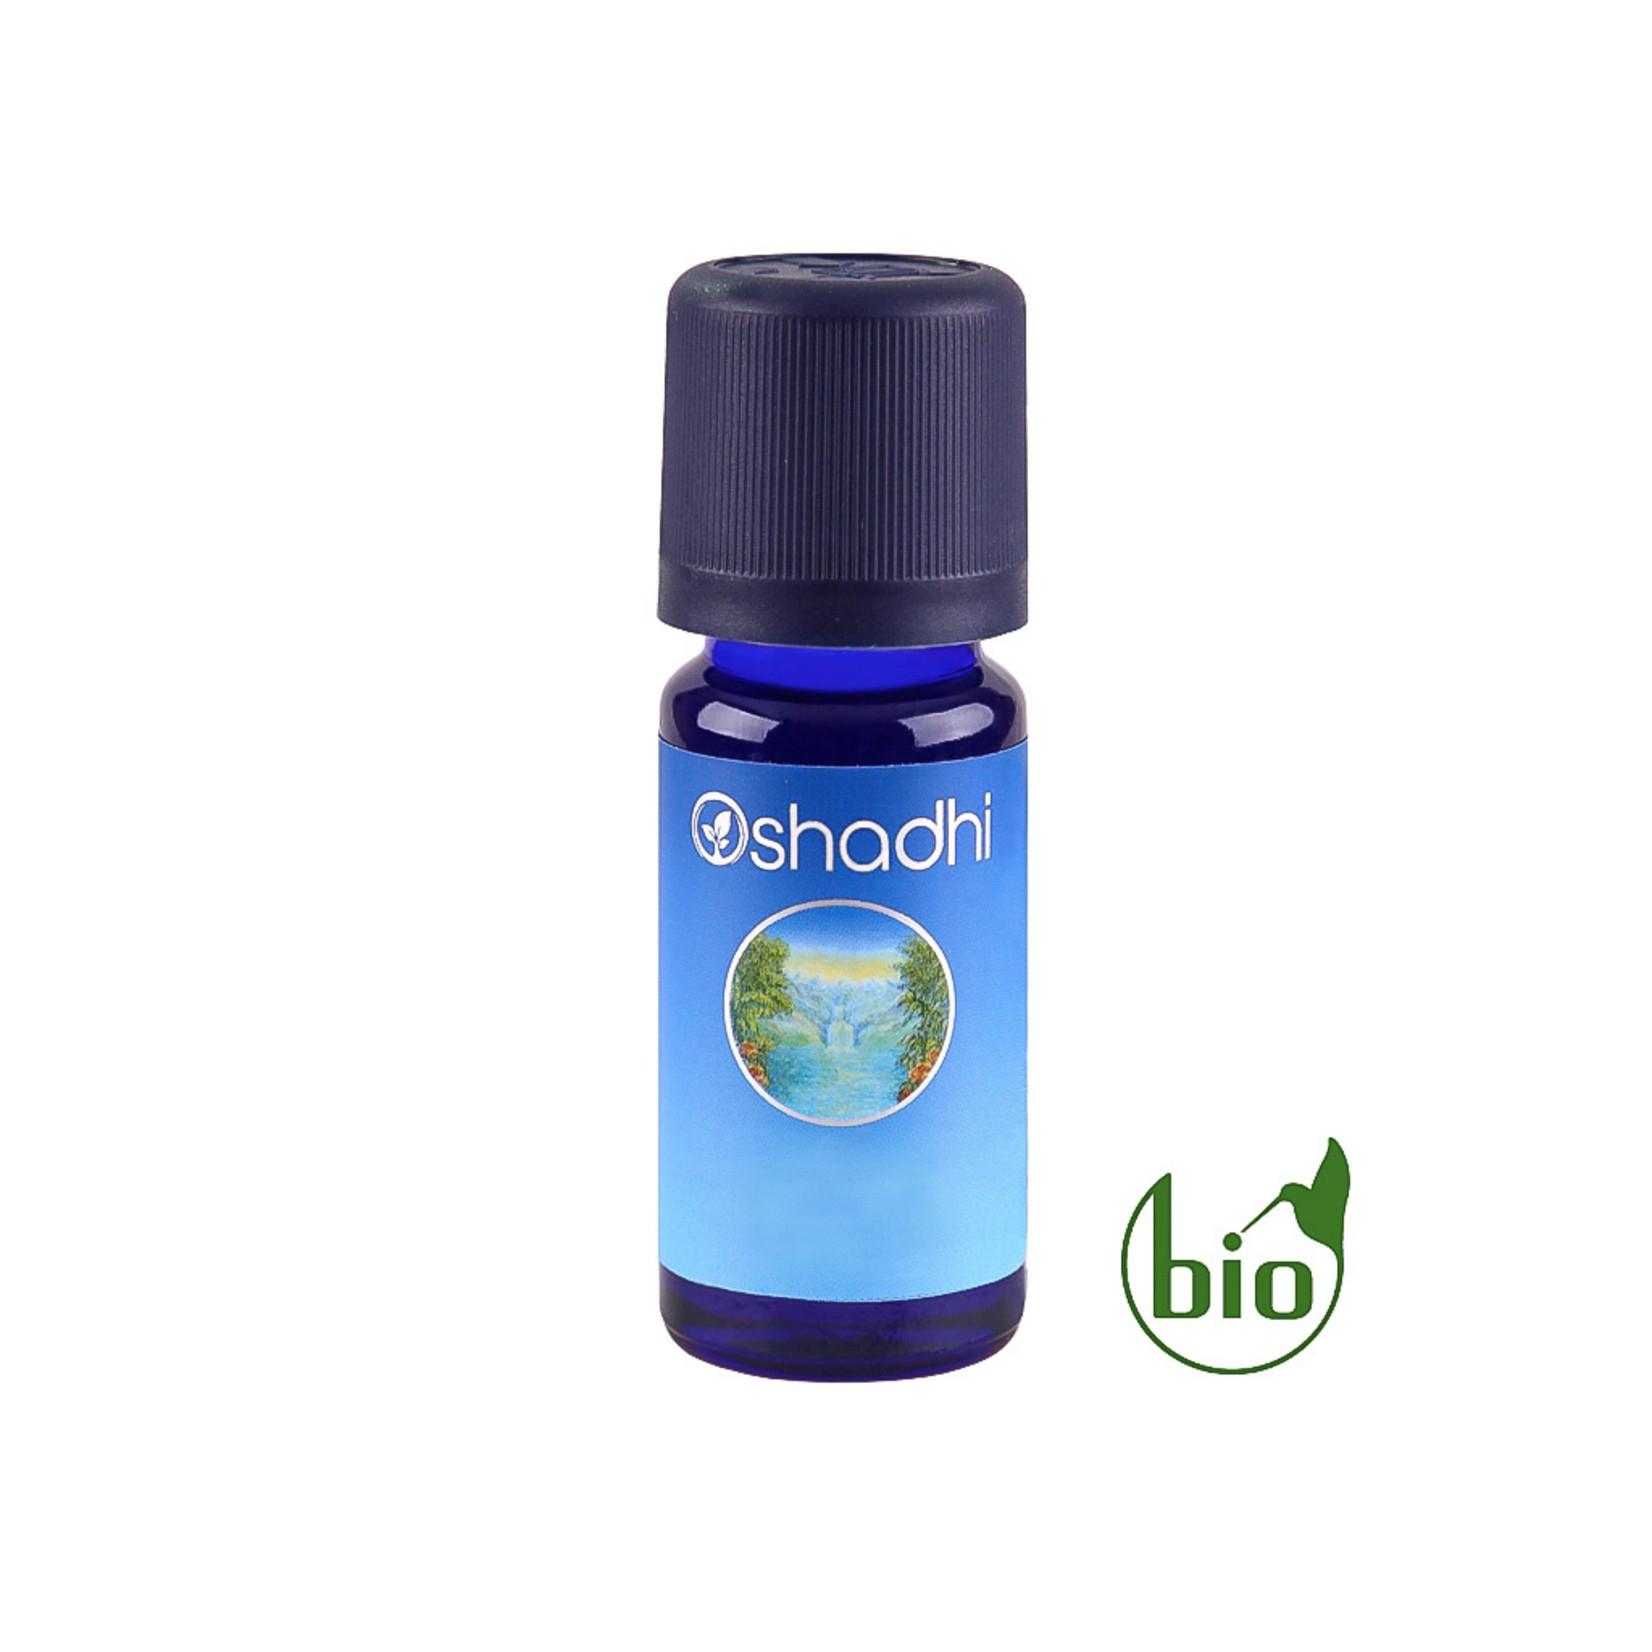 Oshadhi Basilicum linalol BIO Oshadhi - van angst naar vertrouwen - 10ml